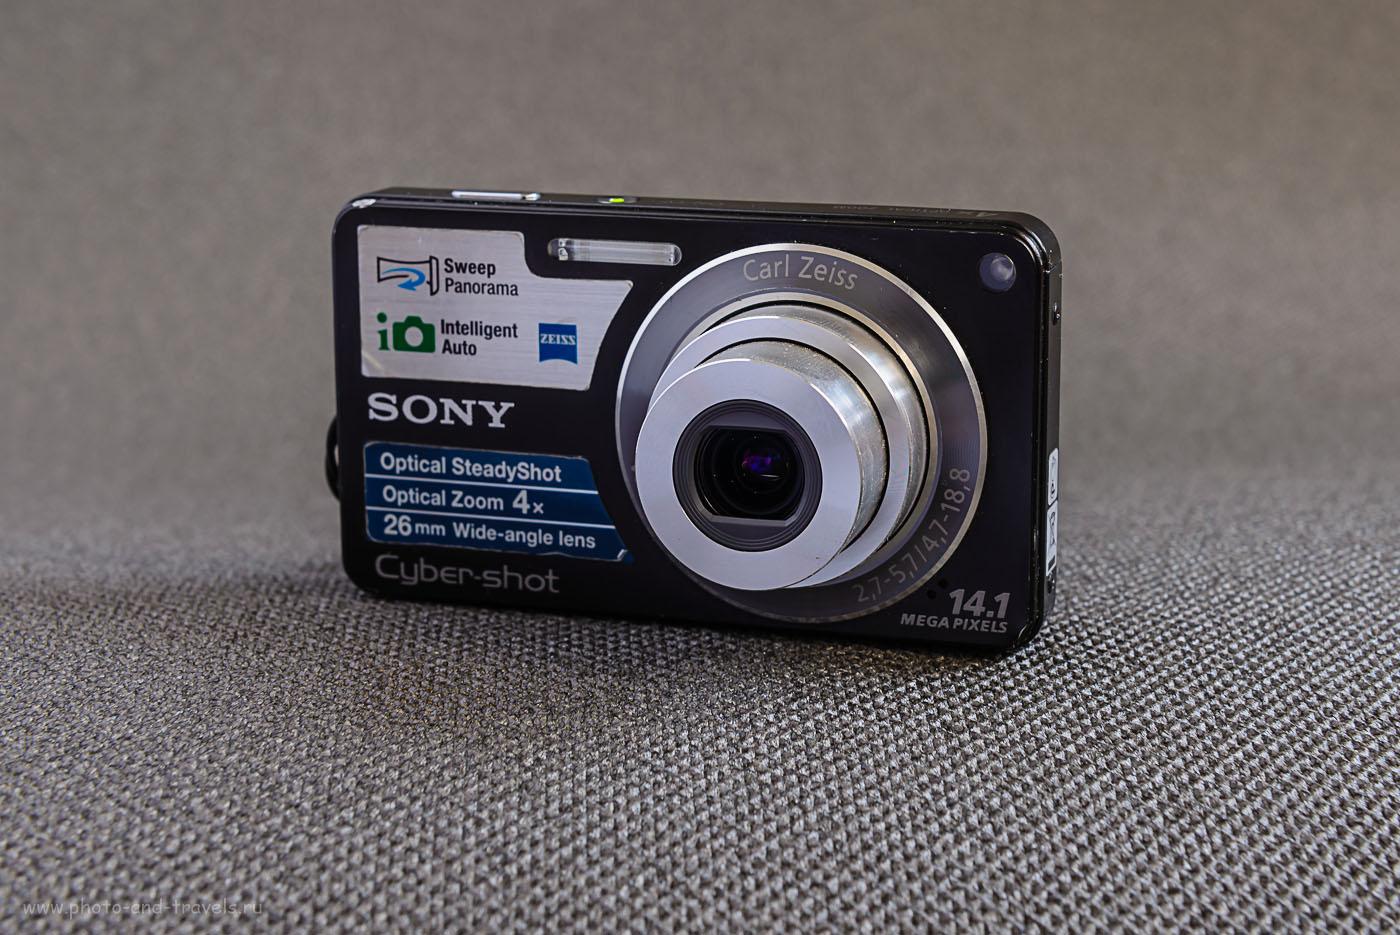 Фото 9. Даже на объективах мыльниц производители указывают параметры объектива: диапазон фокусных расстояний и диапазон светосилы. На данном снимке видно, что мыльница Sony Cyber-Shot DSC-W350 имеет зум-объектив с реальным фокусным расстоянием ФР=4,7-18,8 мм (т.е. кратность зума у него – 4.0, а эквивалентное фокусное при кроп-факторе 5,62 составляет ЭФР=26,4-105,6 мм (ЭФР – это реальное фокусное, помноженное на кроп-фактор). Диапазон диафрагм (светосилы) - f/2.7-f/5.7. Само это изображение снято на полнокадровый Nikon D610 с объективом Nikon 24-70mm f/2.8.